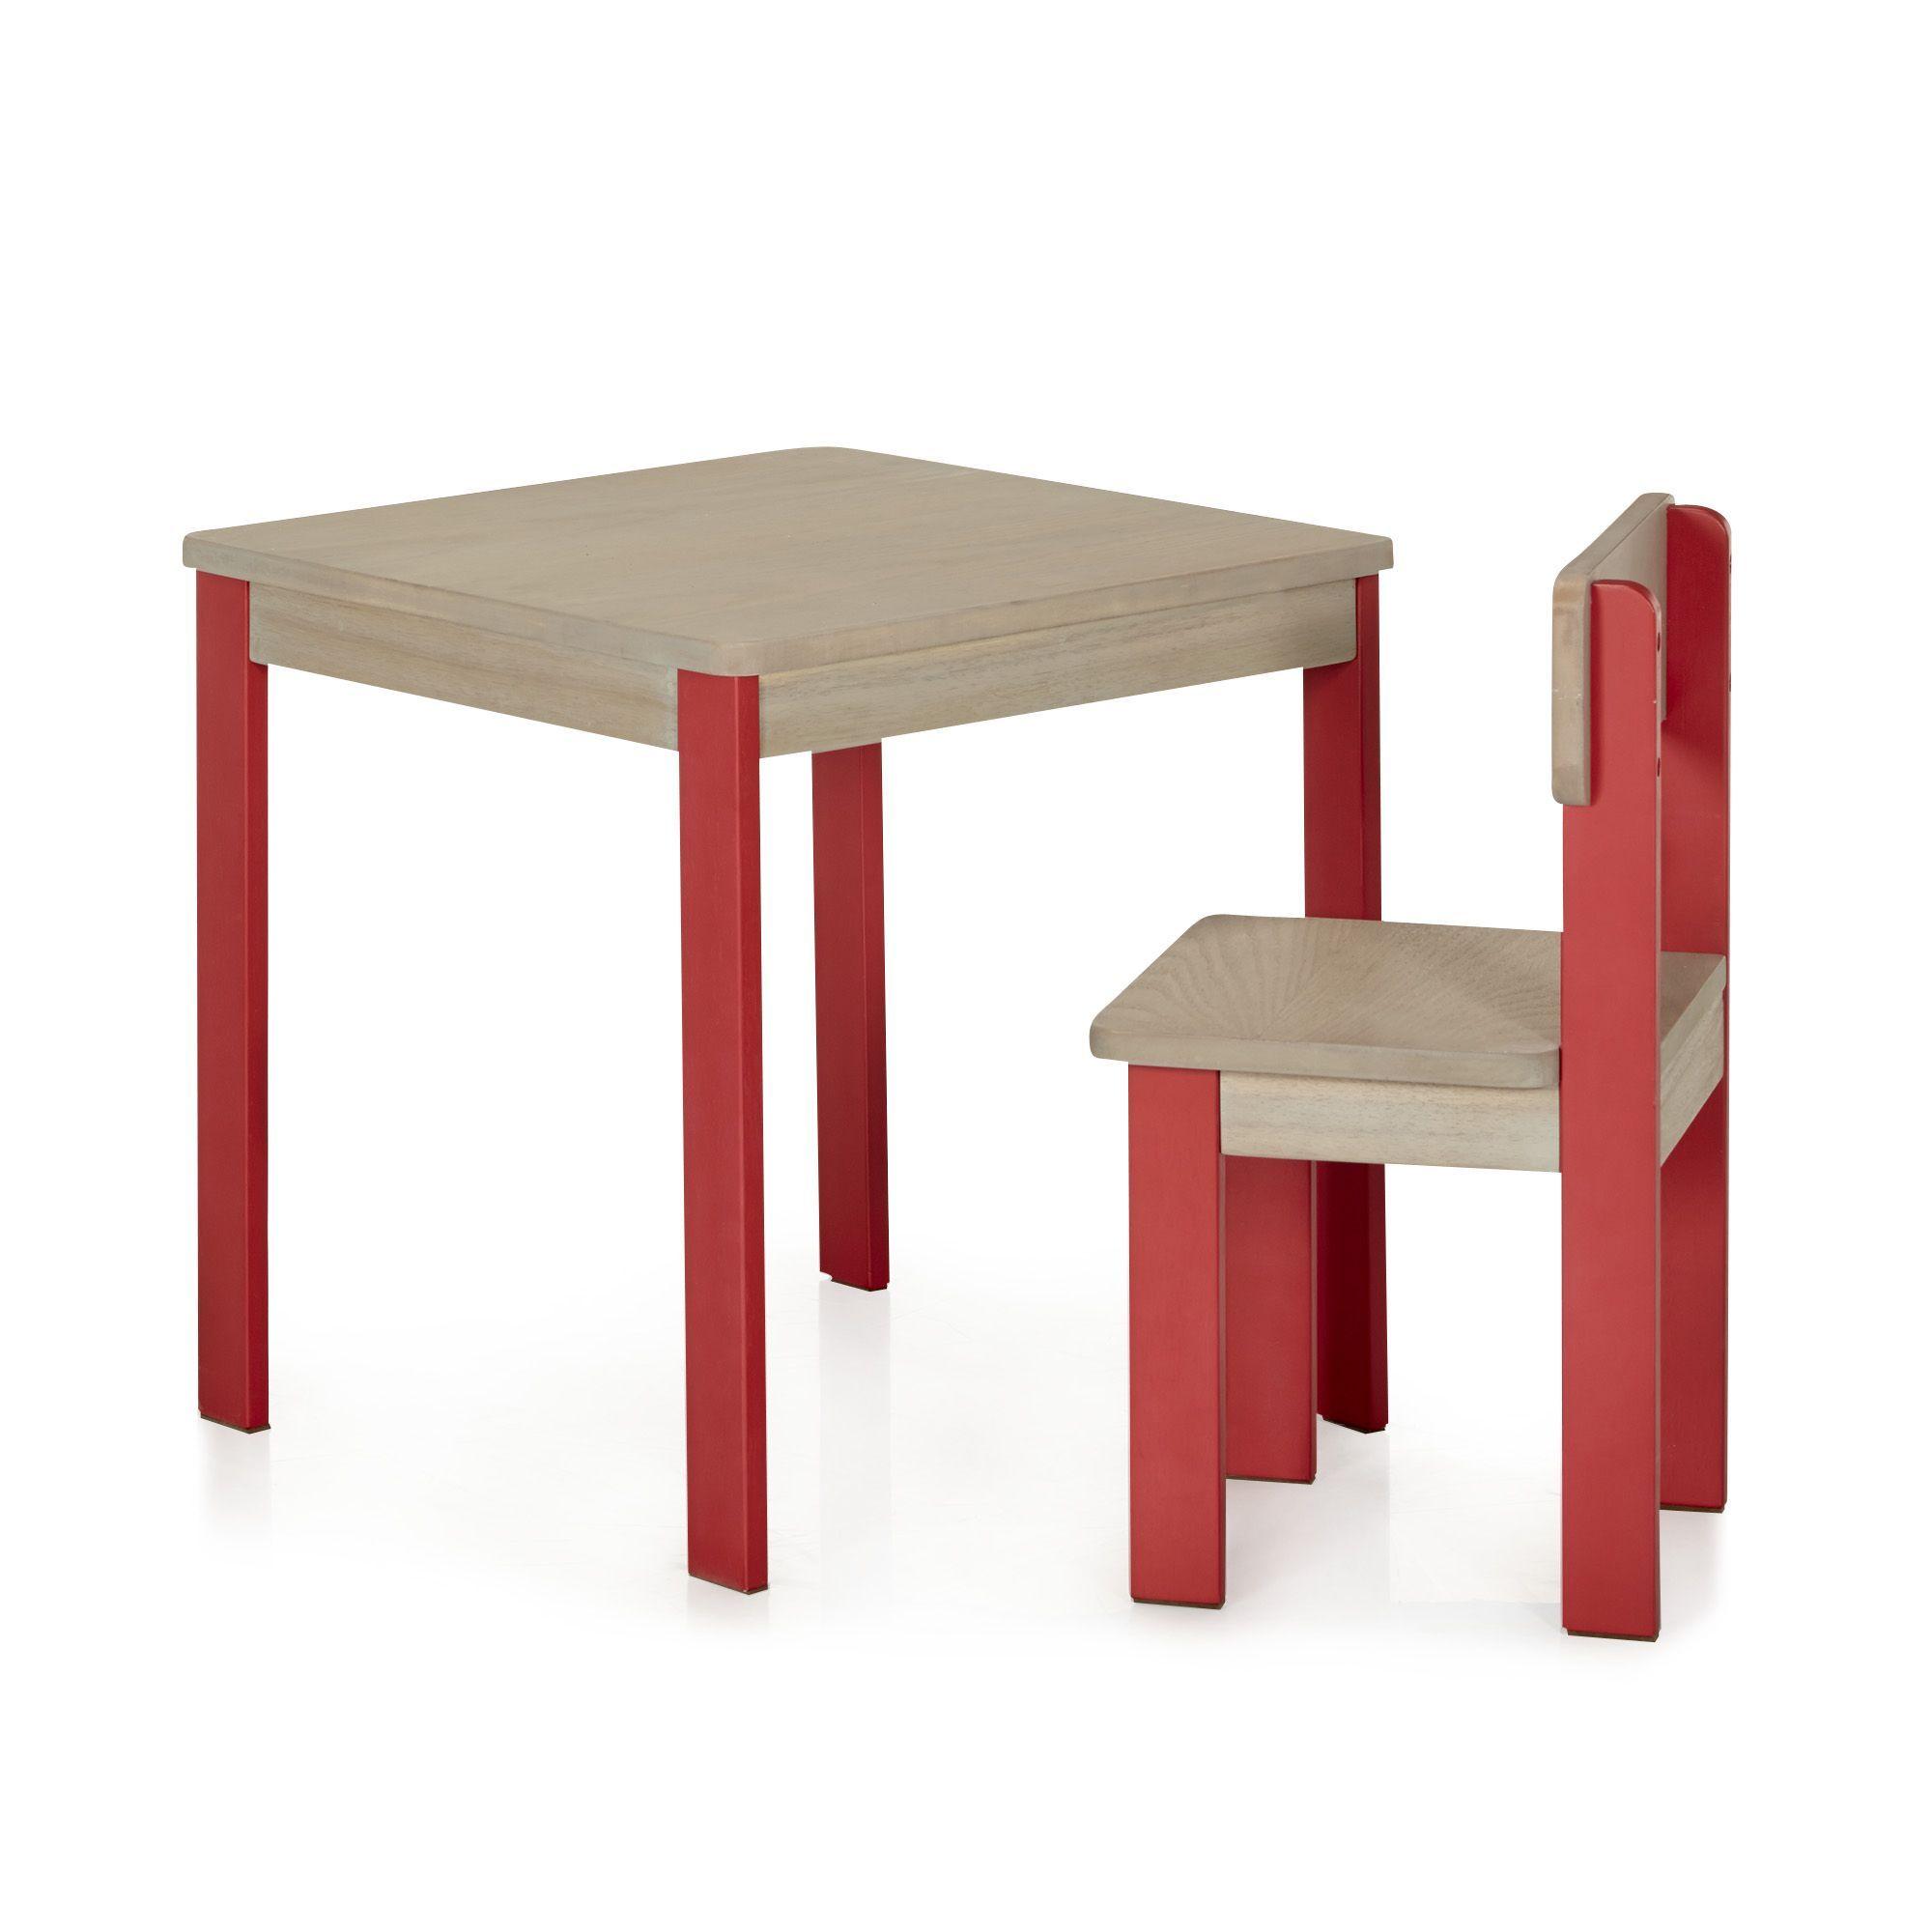 Accessoire Salle De Bain Pour Bebe ~ Table Et Chaise Rouges Pour Enfant En Acacia Rouge Acaya Les